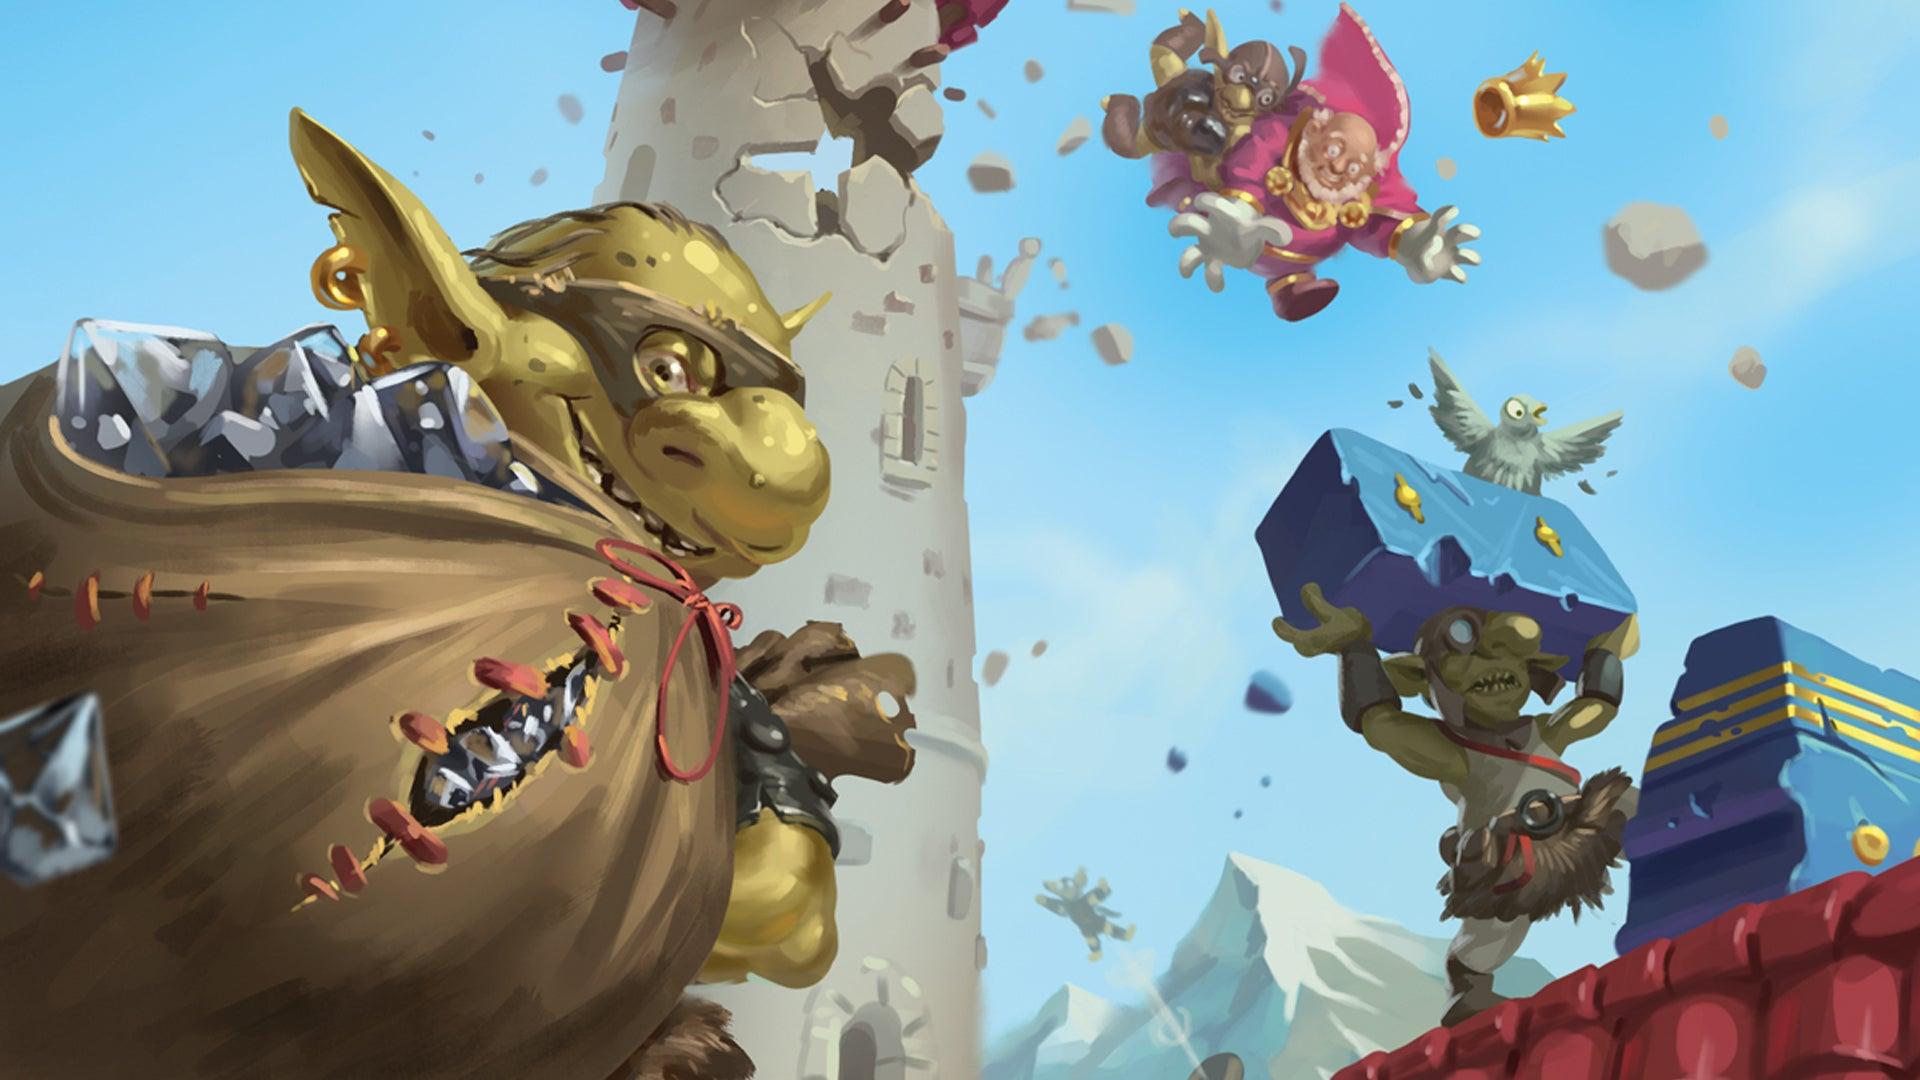 Flying Goblins board game artwork